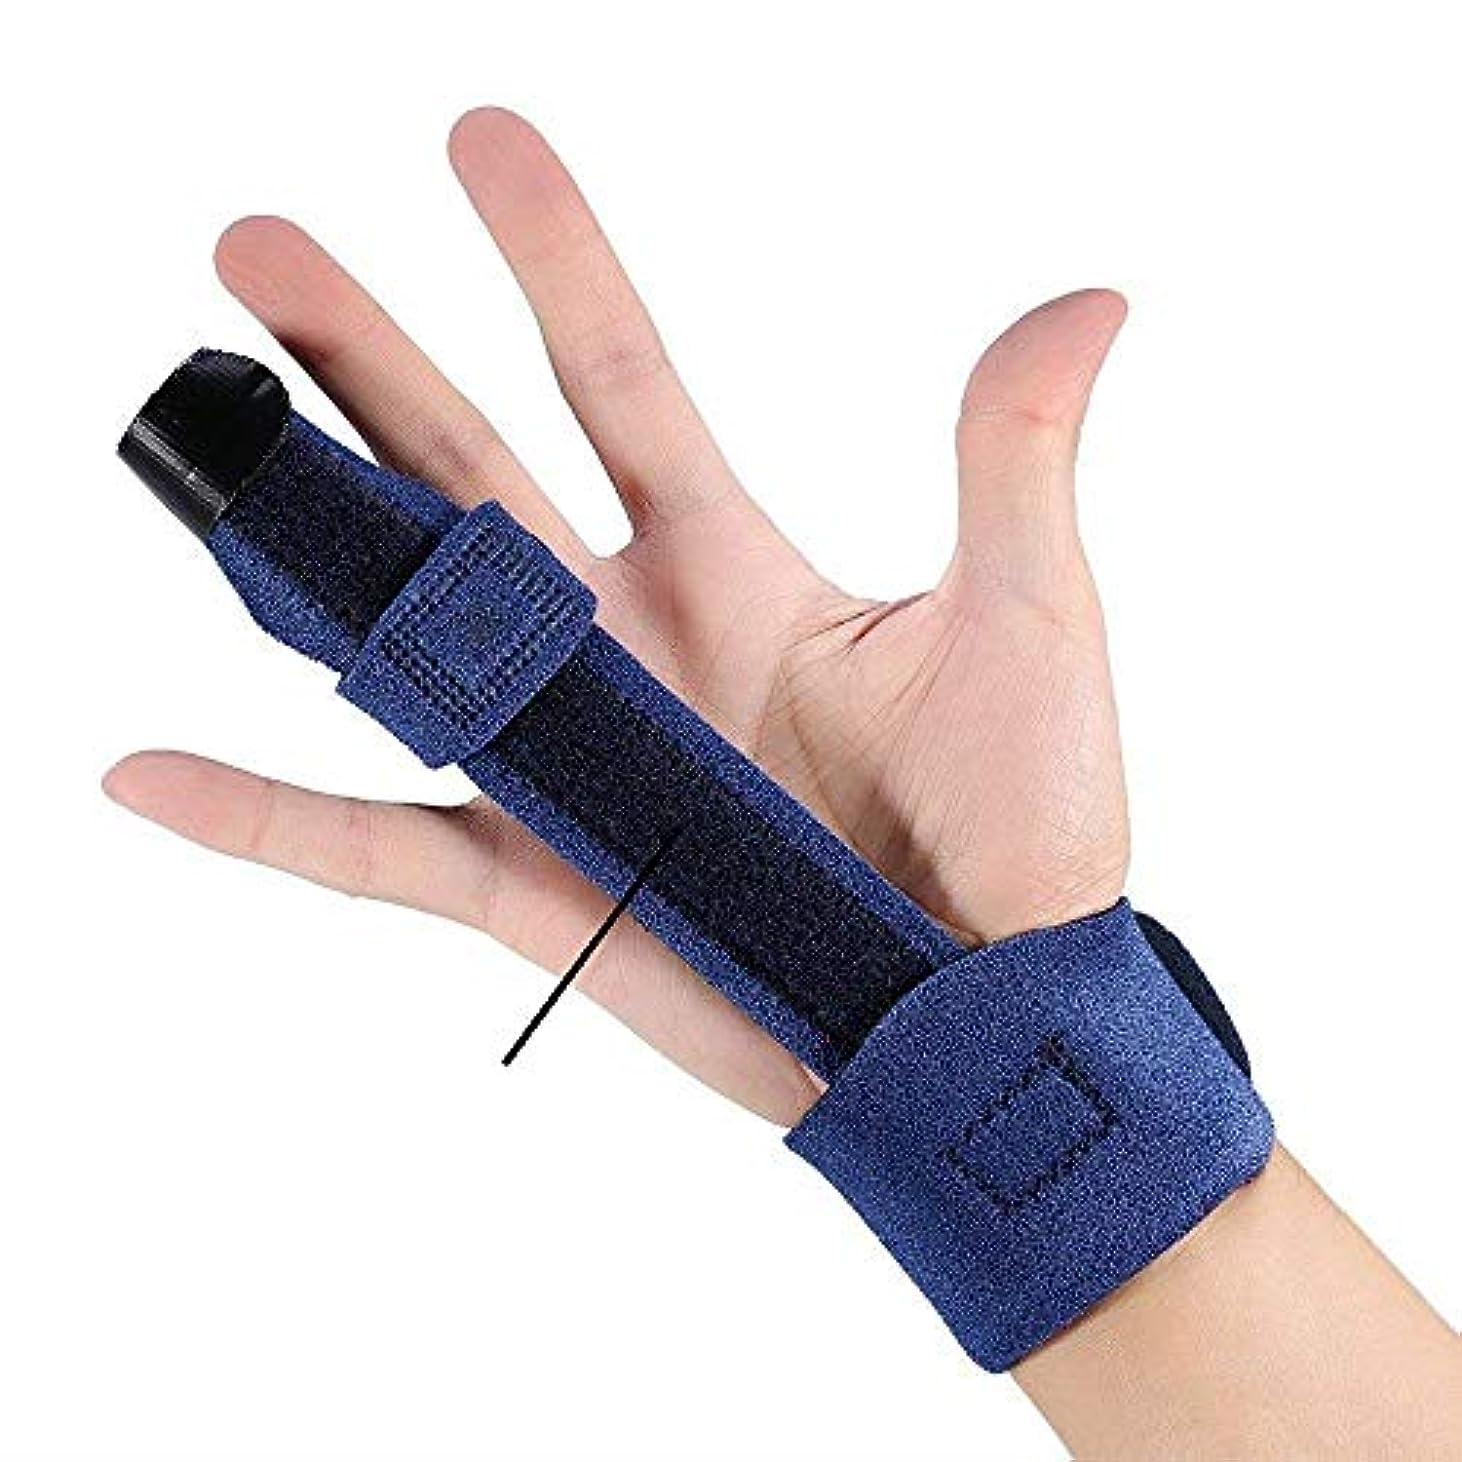 ダーツどちらかするだろうZYL-YL 固定調節可能な手のブレースの手首のラップハンドスプリント手首スプリントアルミニウム板 (Edition : Right)